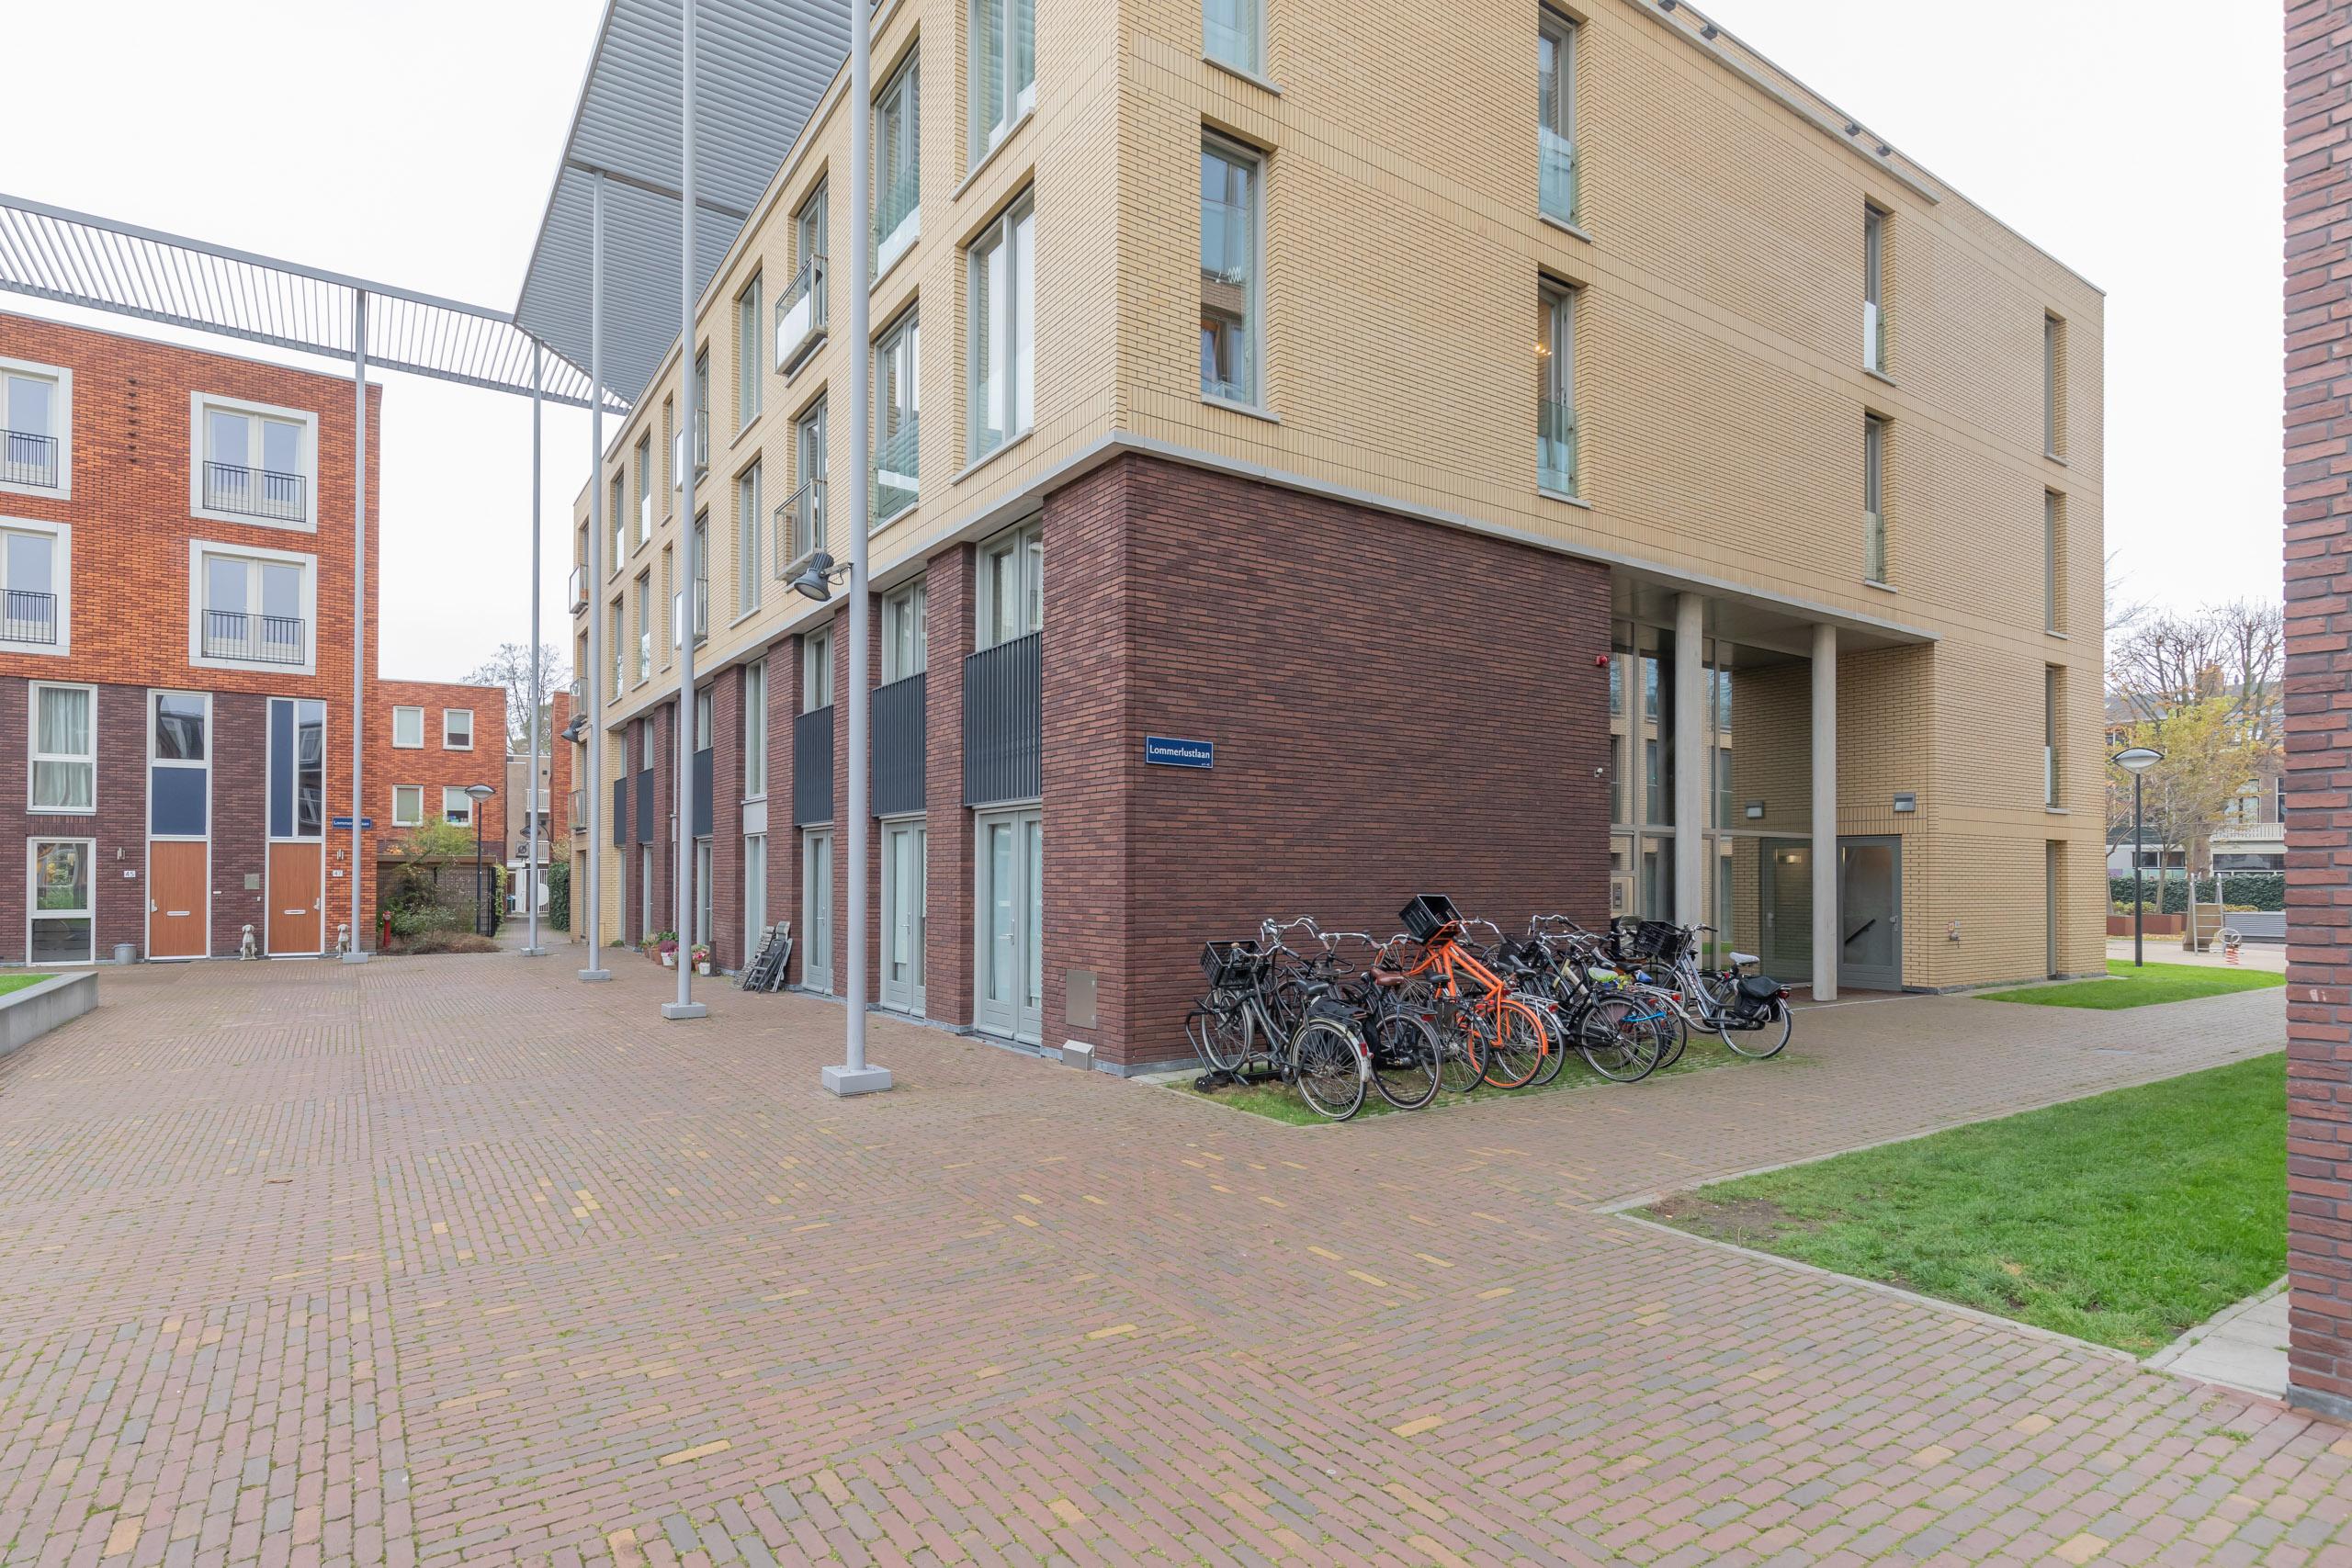 Lommerlustlaan 31, Haarlem